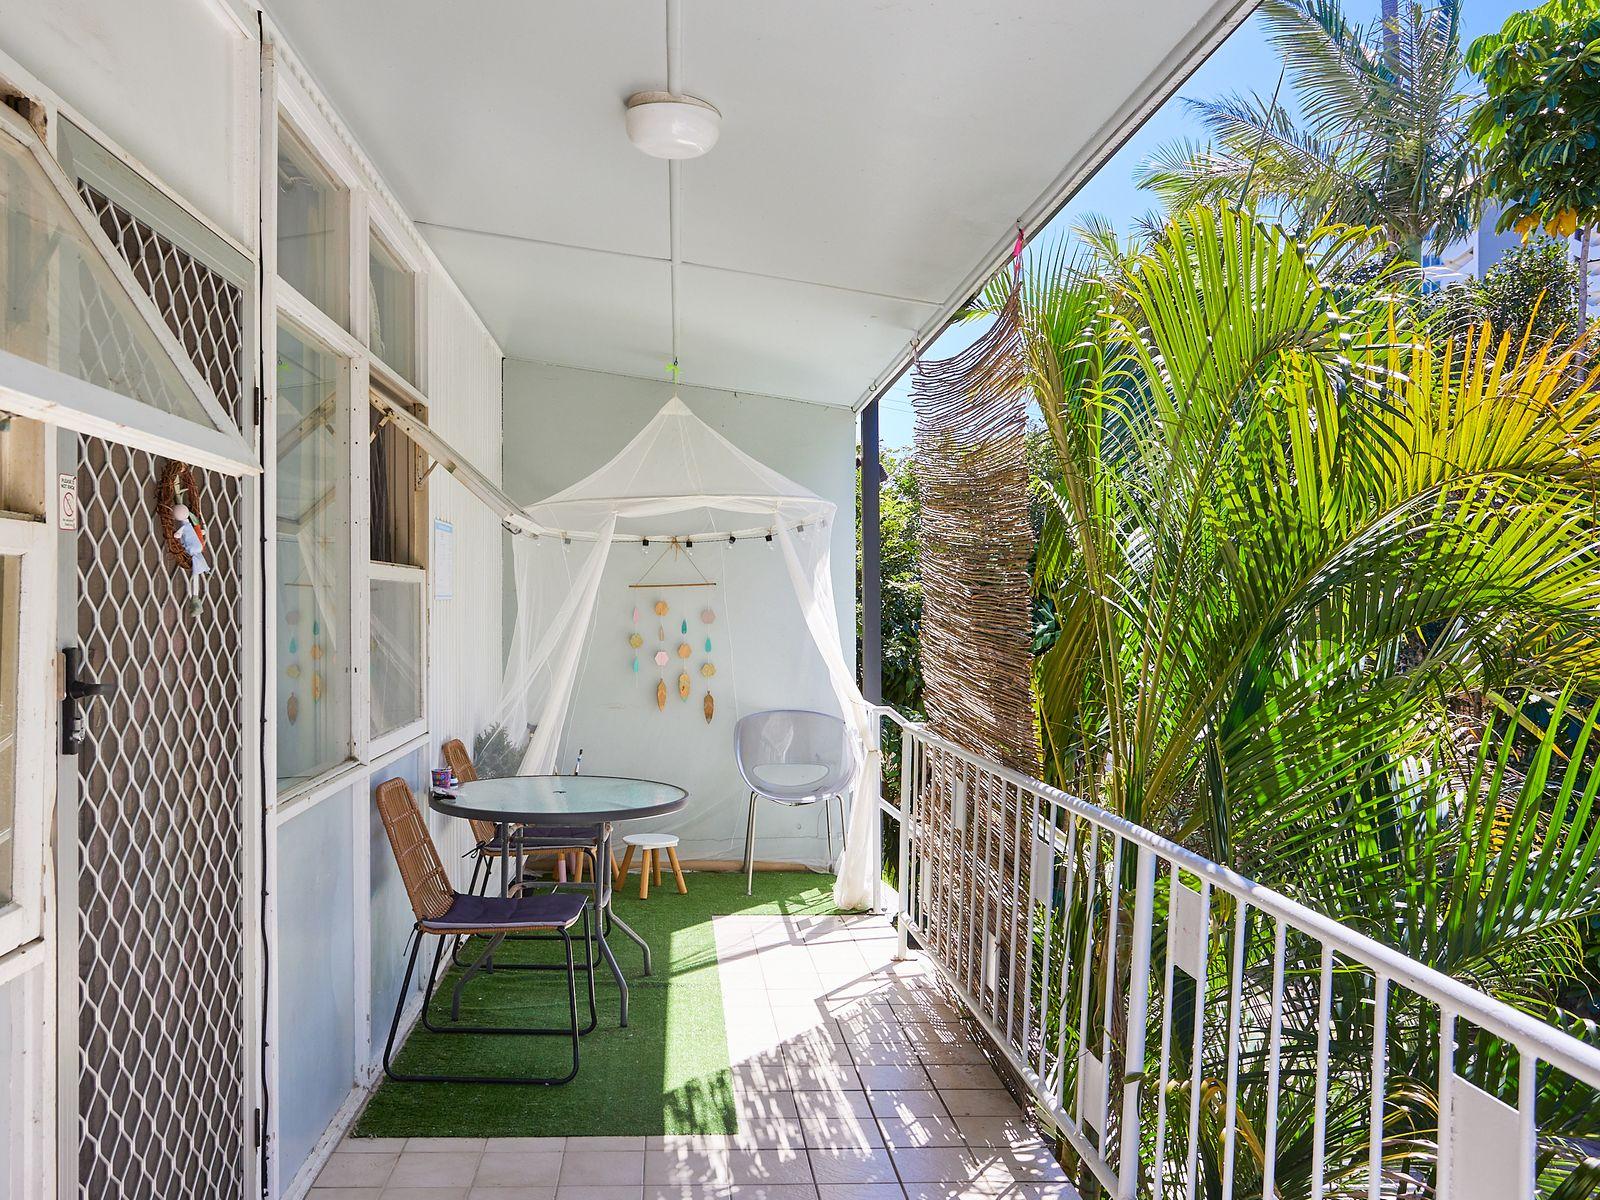 7/45 Peninsular Drive, Surfers Paradise, QLD 4217